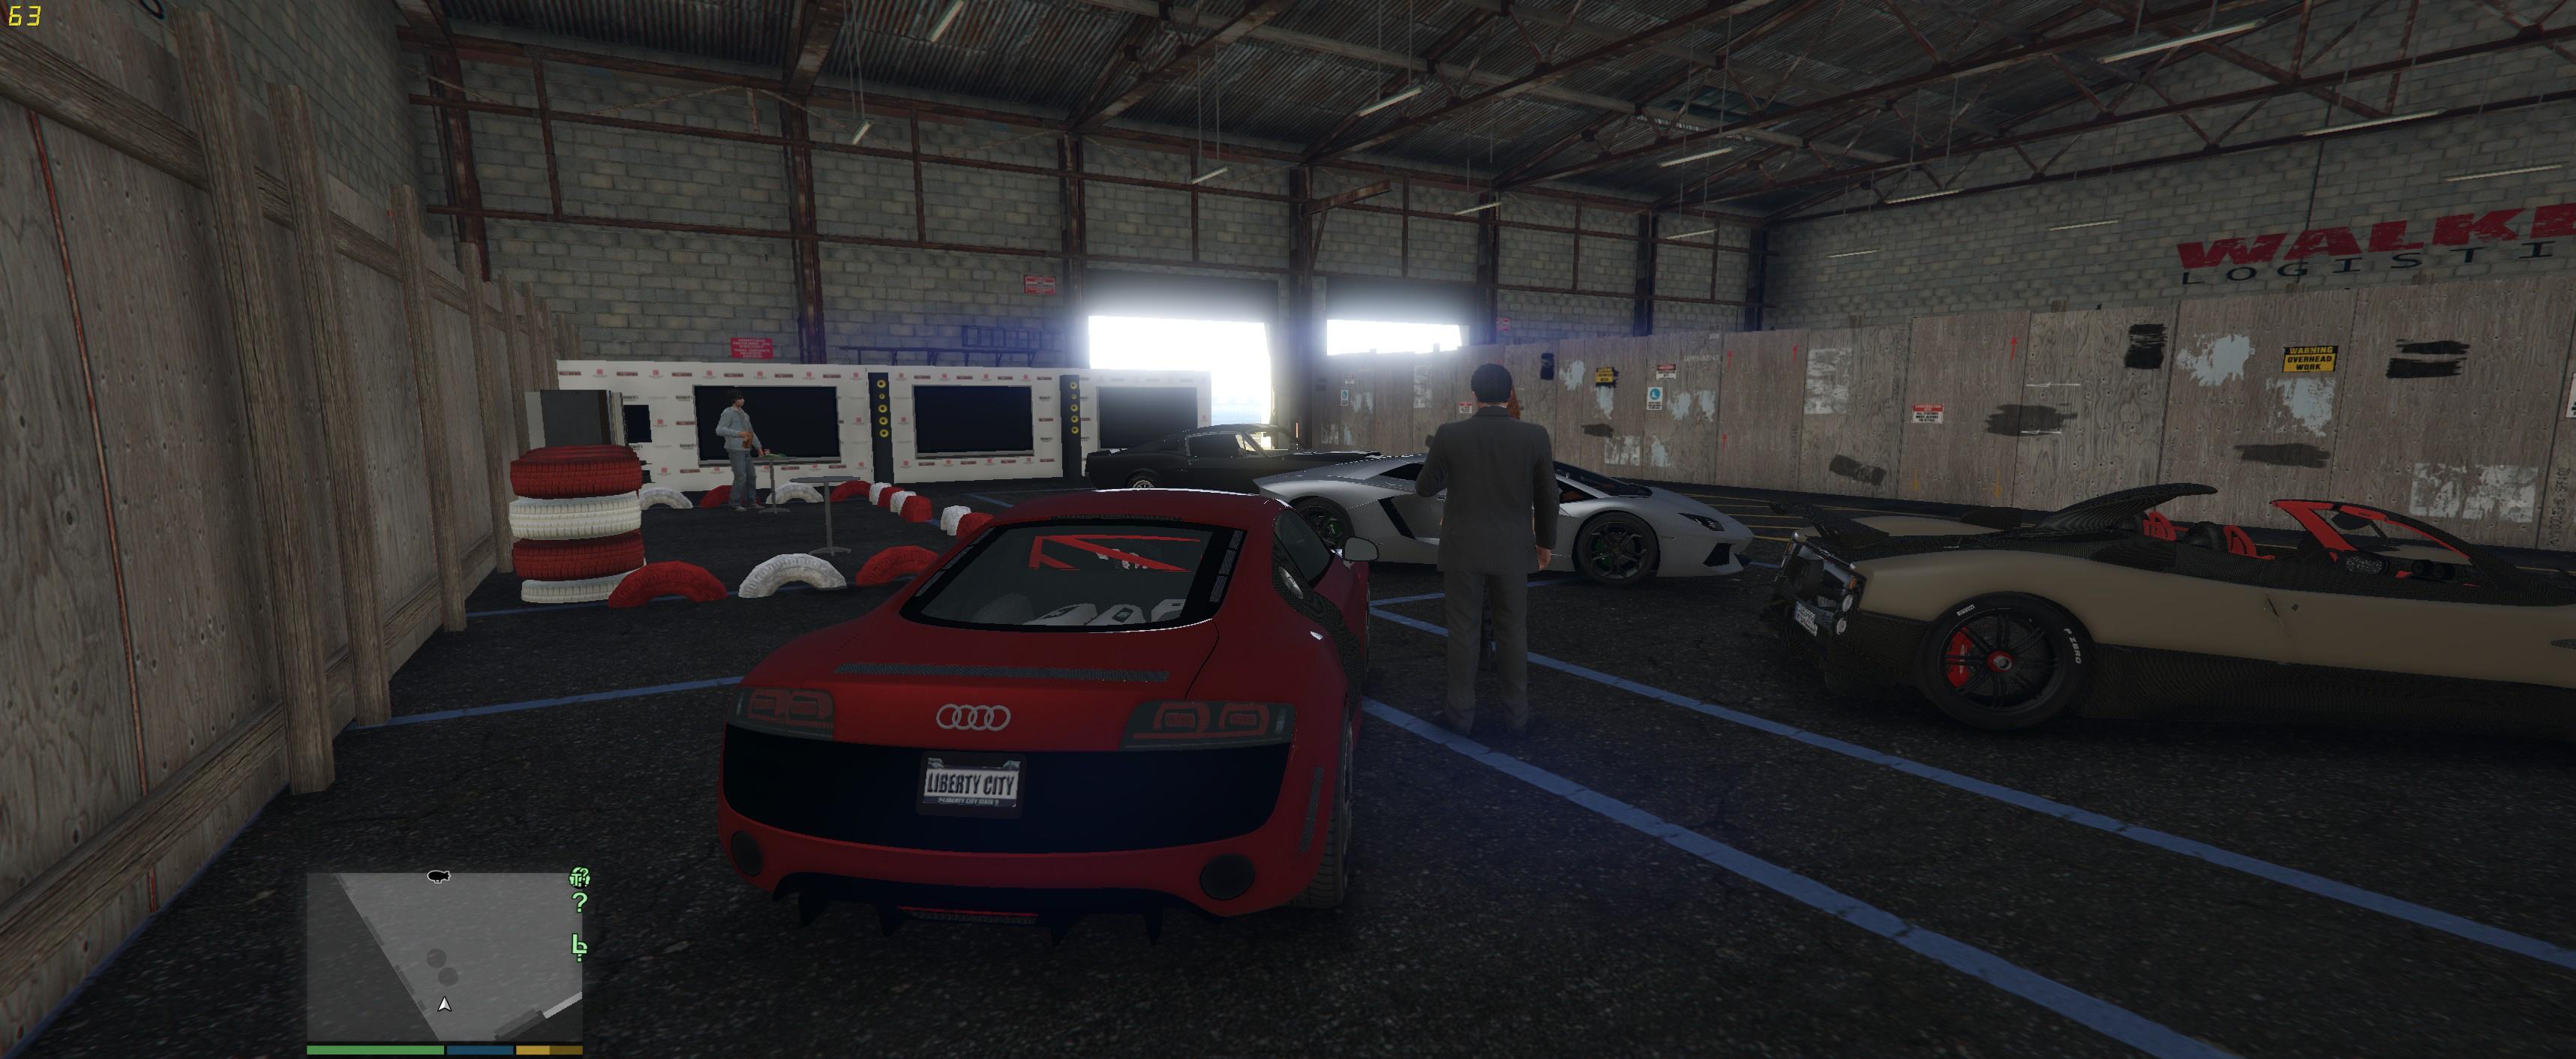 Illegal Custom Car Shop & Garage - GTA5-Mods com